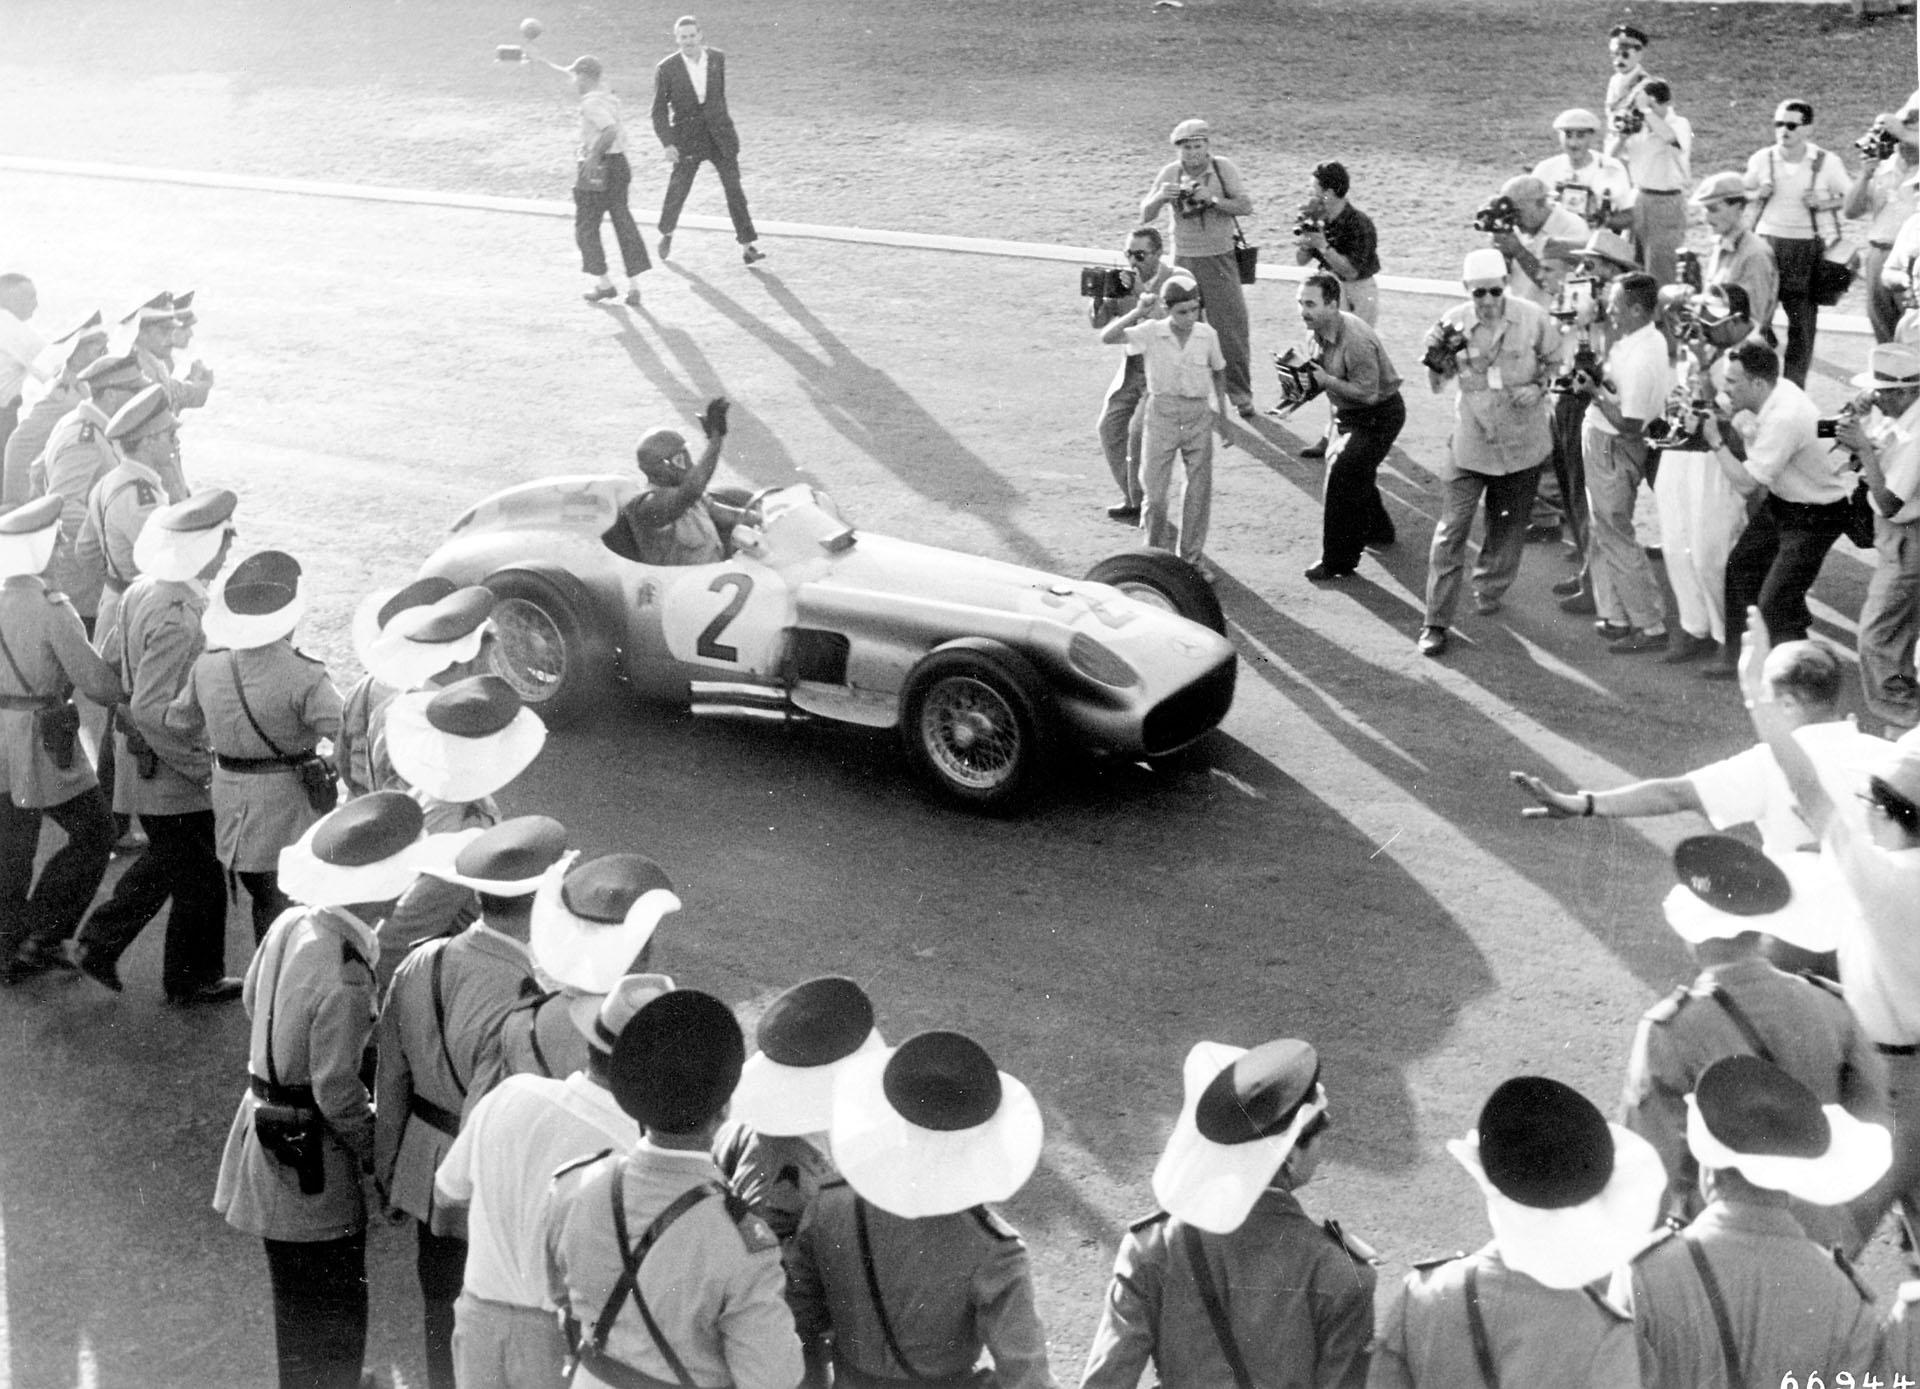 Siegespose: Juan Manuel Fangio in seinem Rennwagen vom Typ Mercedes-Benz W 196 nach dem Sieg des Großen Preises von Argentinien am 16. Januar 1955.